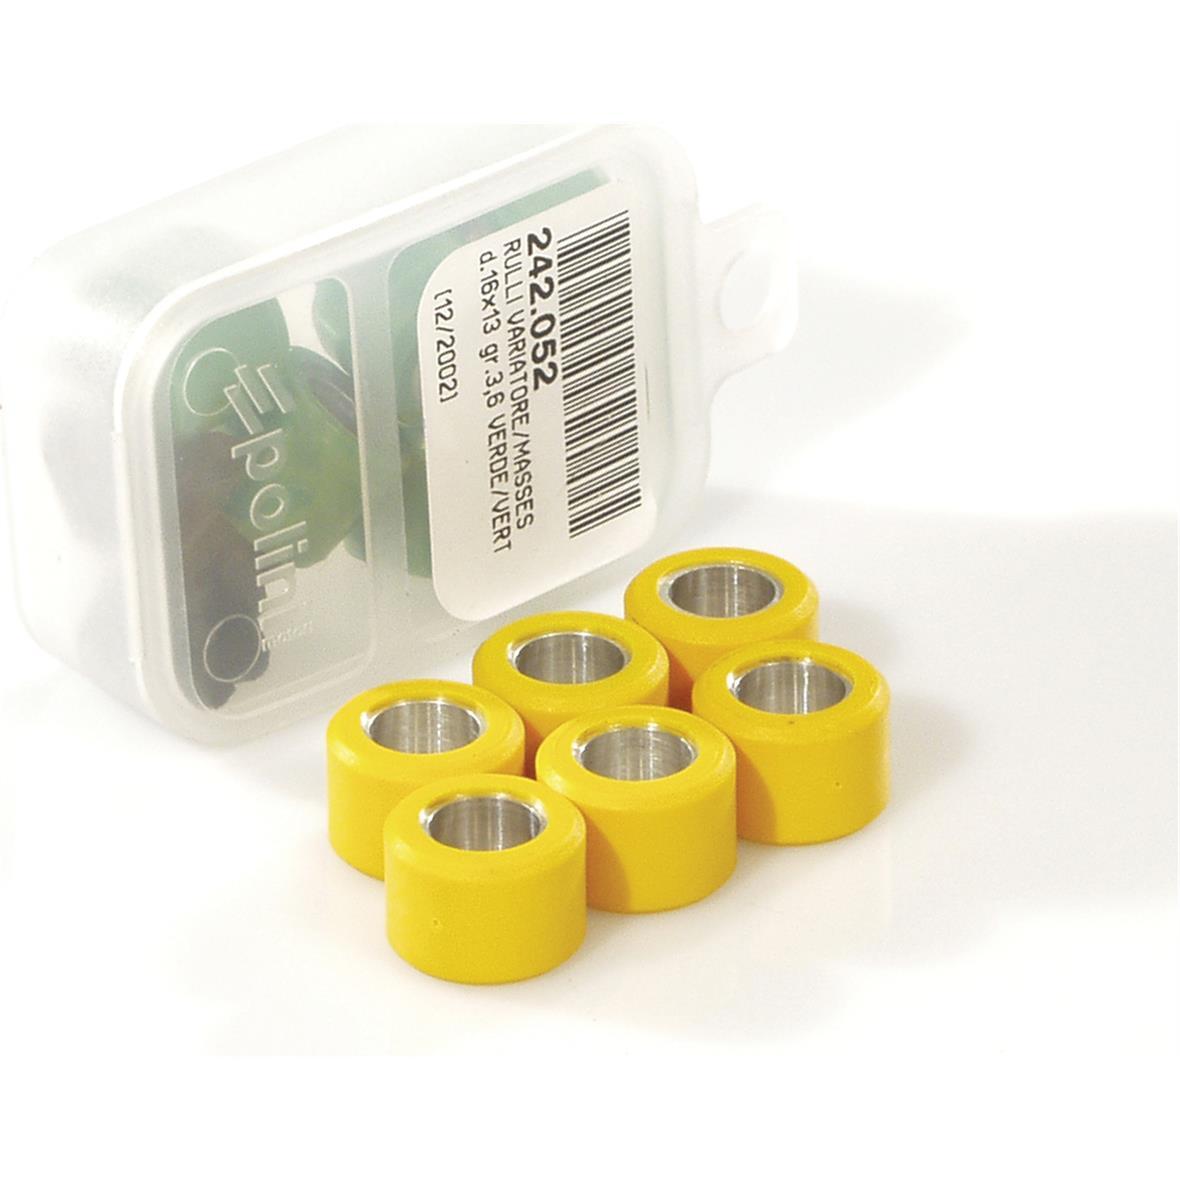 Image du produit 'Rouleaux de variateur POLINI 17x12 mm 6,9g'